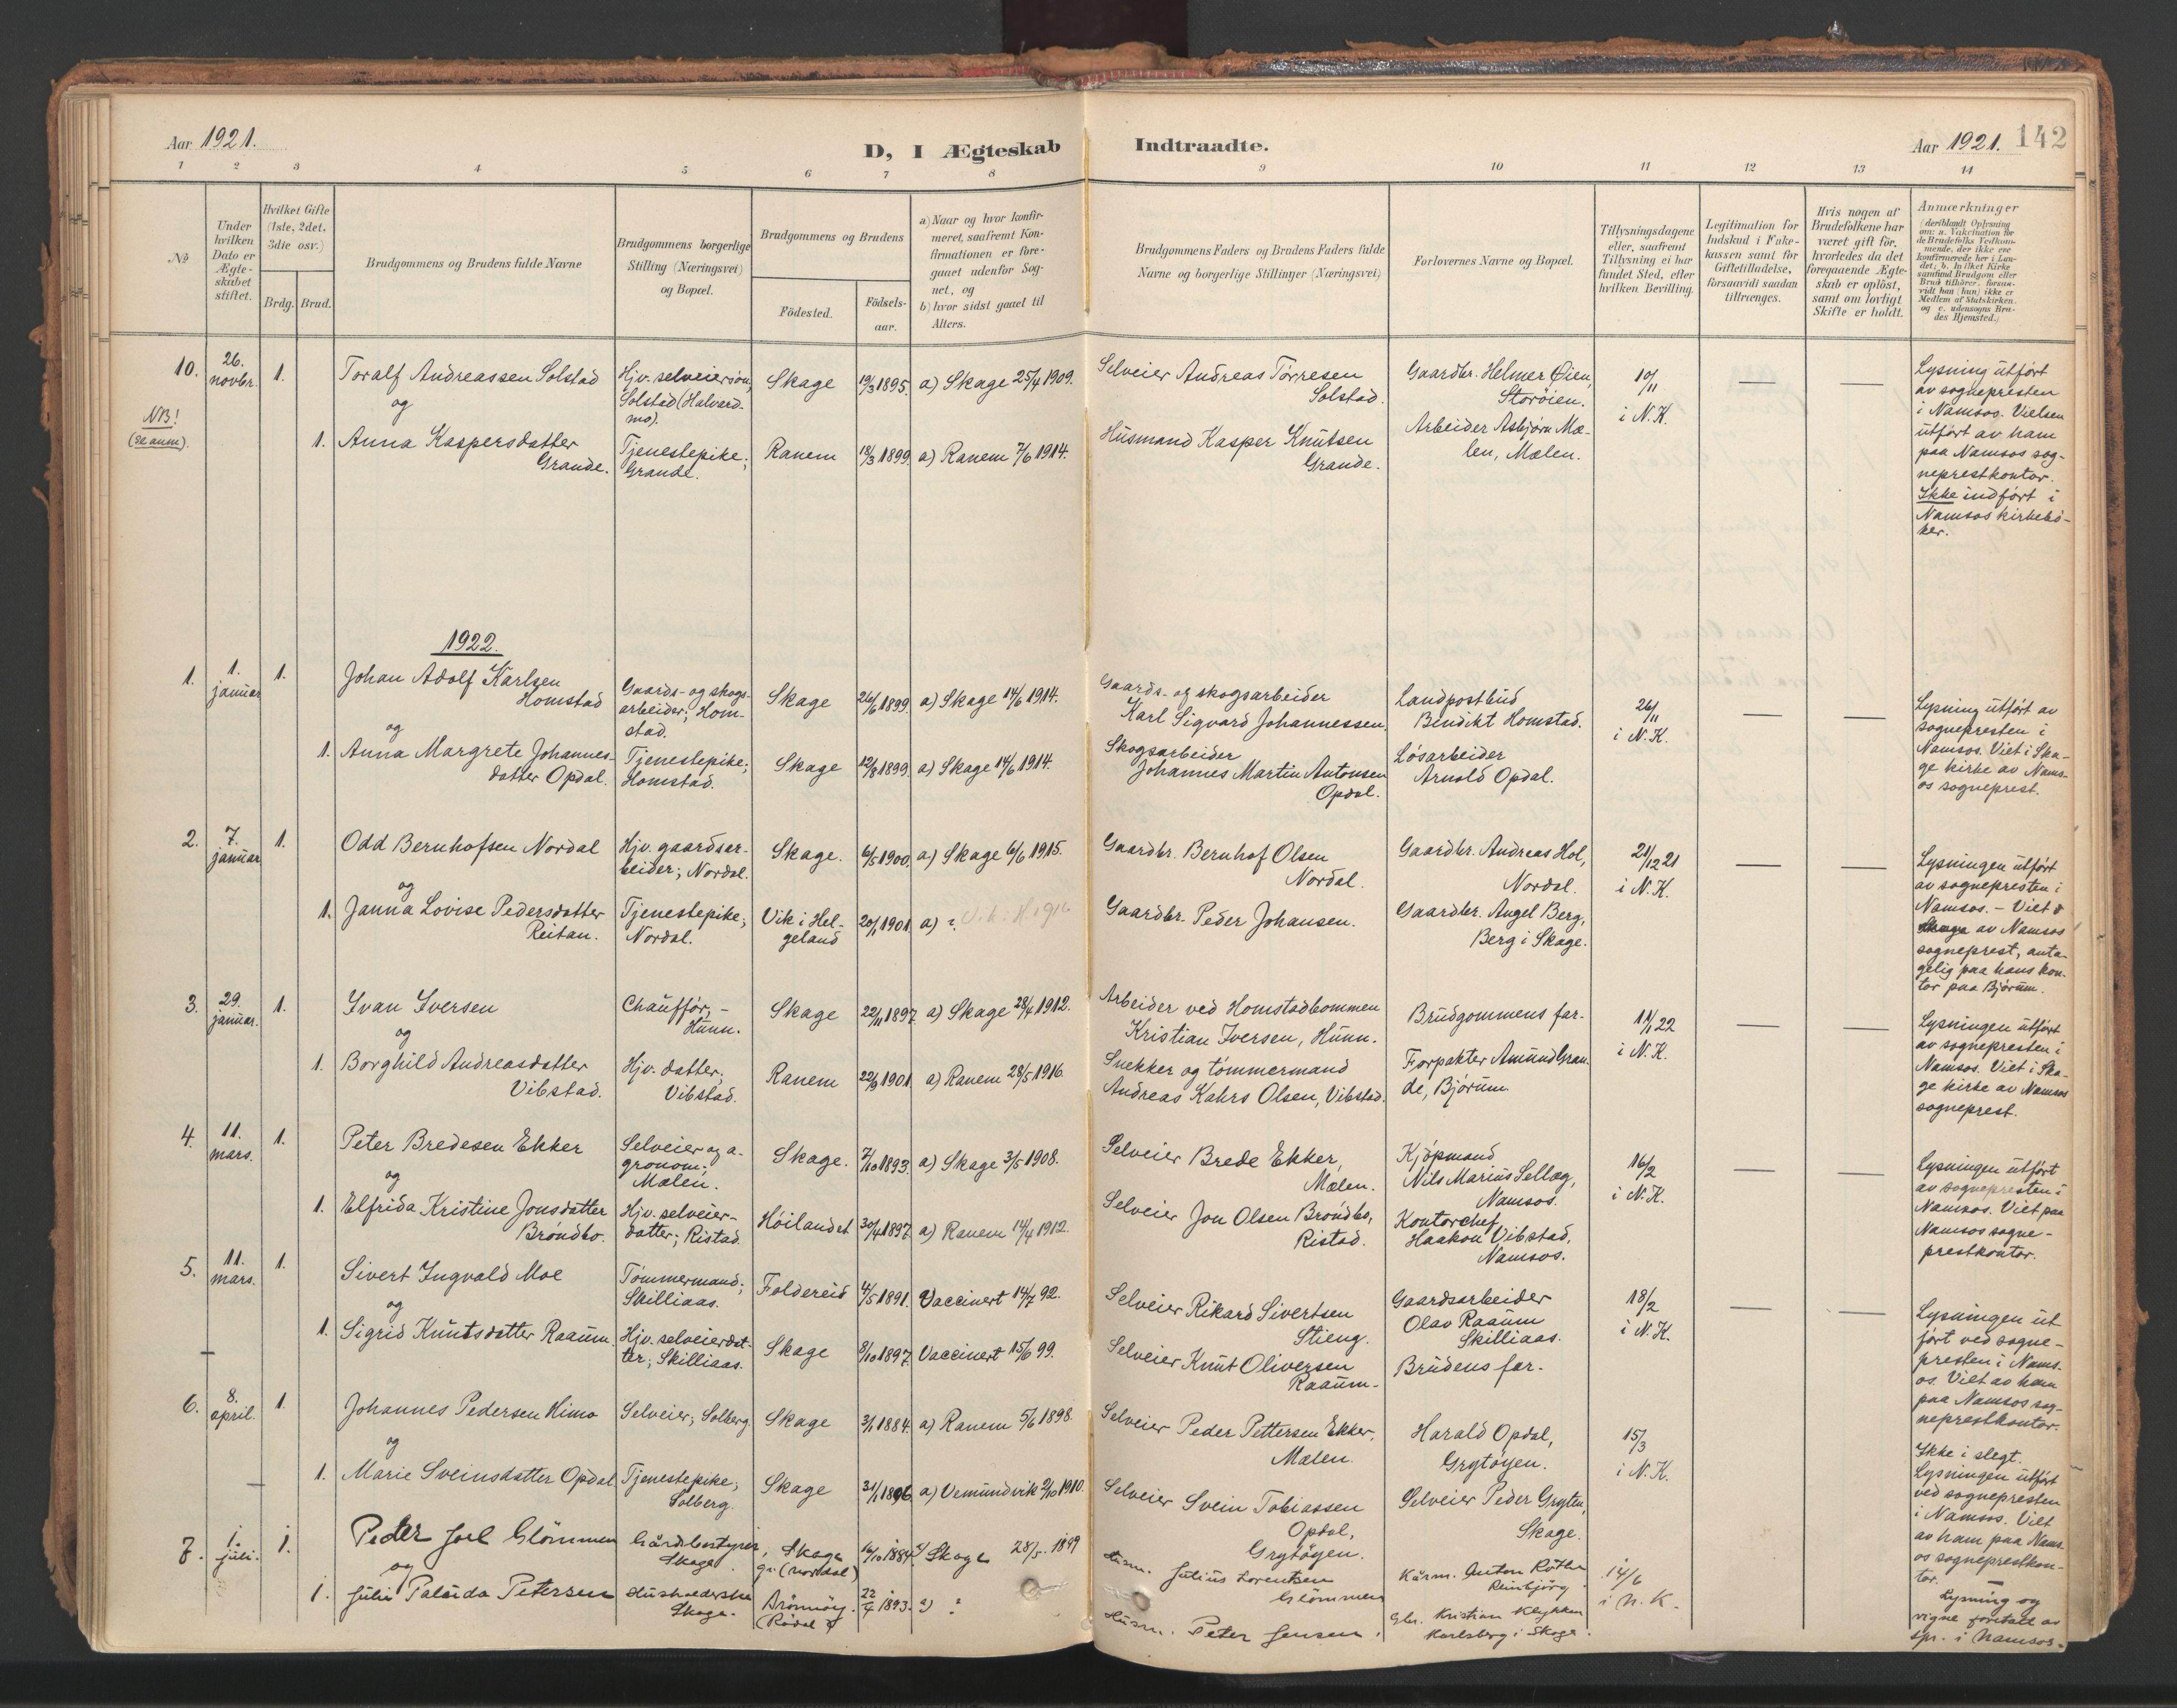 SAT, Ministerialprotokoller, klokkerbøker og fødselsregistre - Nord-Trøndelag, 766/L0564: Ministerialbok nr. 767A02, 1900-1932, s. 142